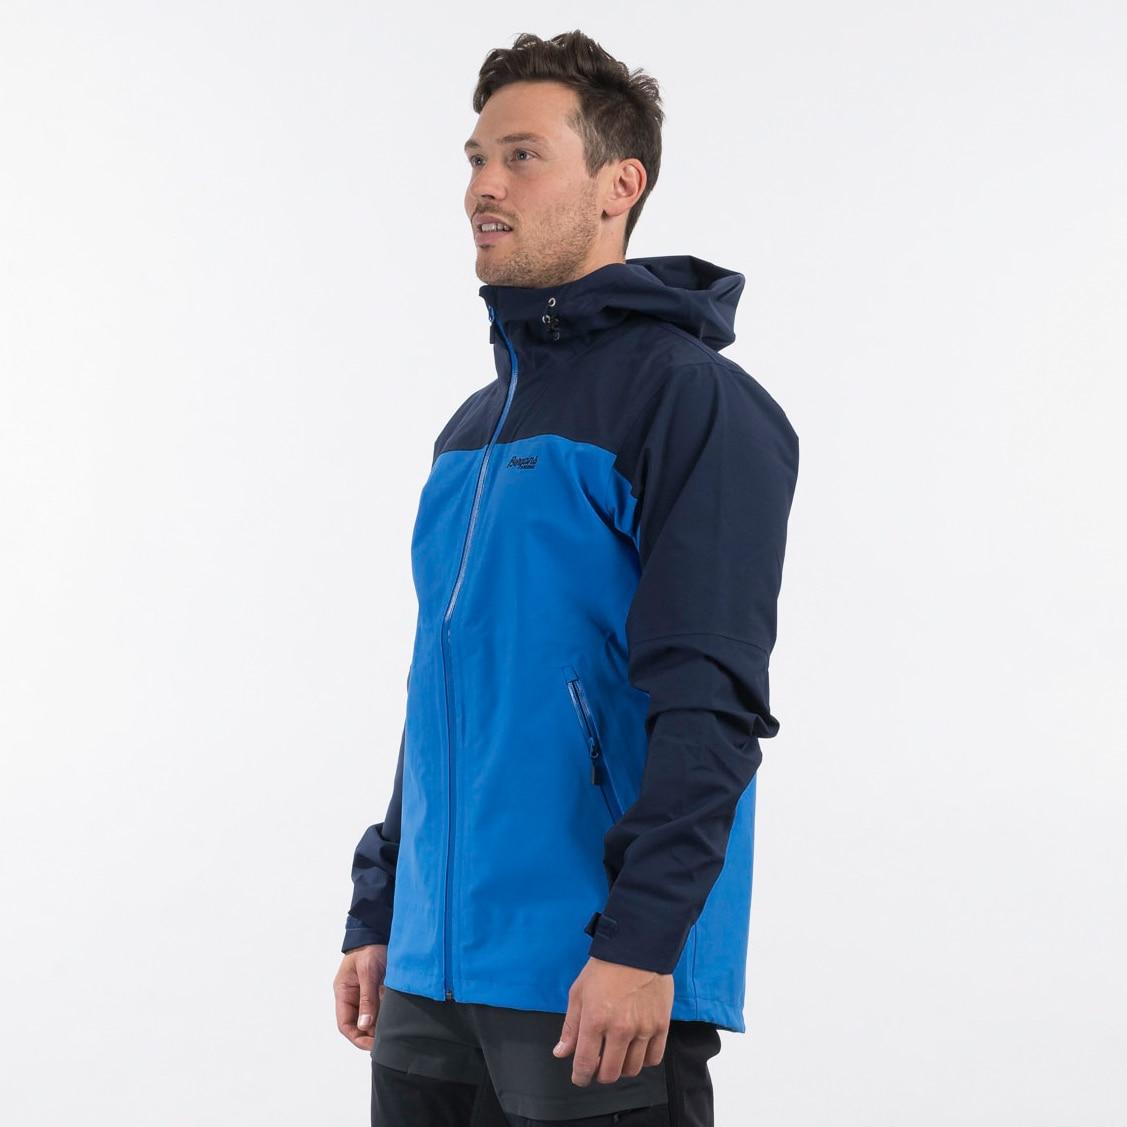 Gjende 3L Jacket